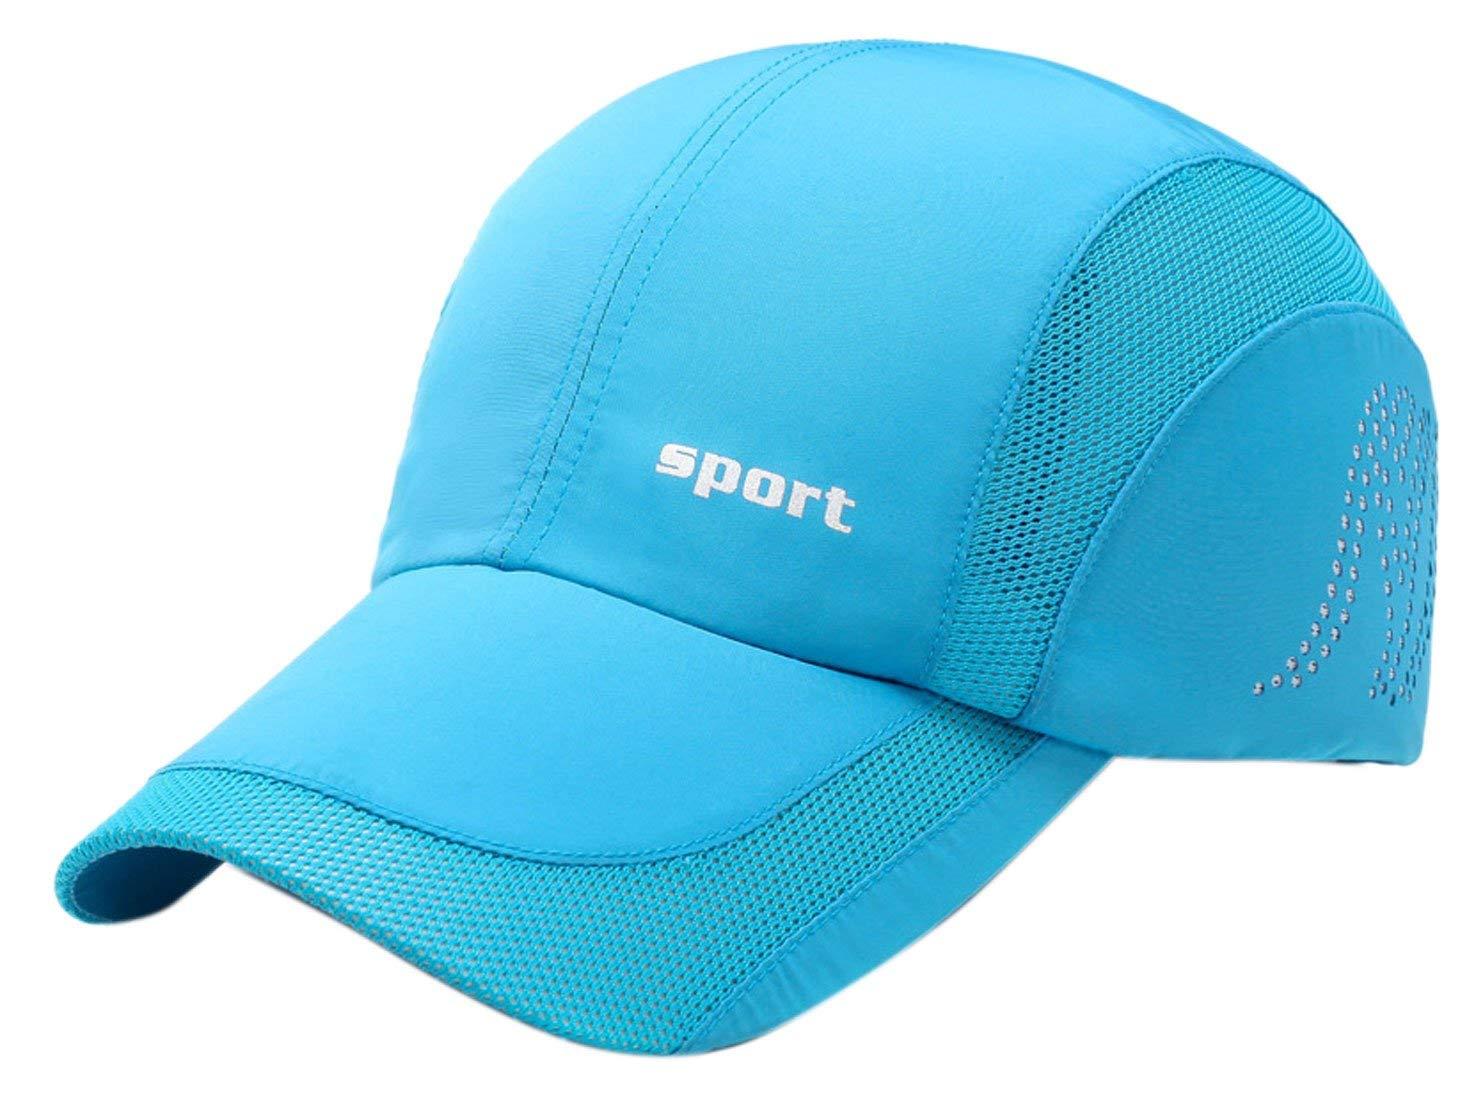 6eed03a4fc9 Get Quotations · Panegy Men Women Sports Hat Quick Drying Mesh Sun Cap  Lightweight Sun Runner Cap